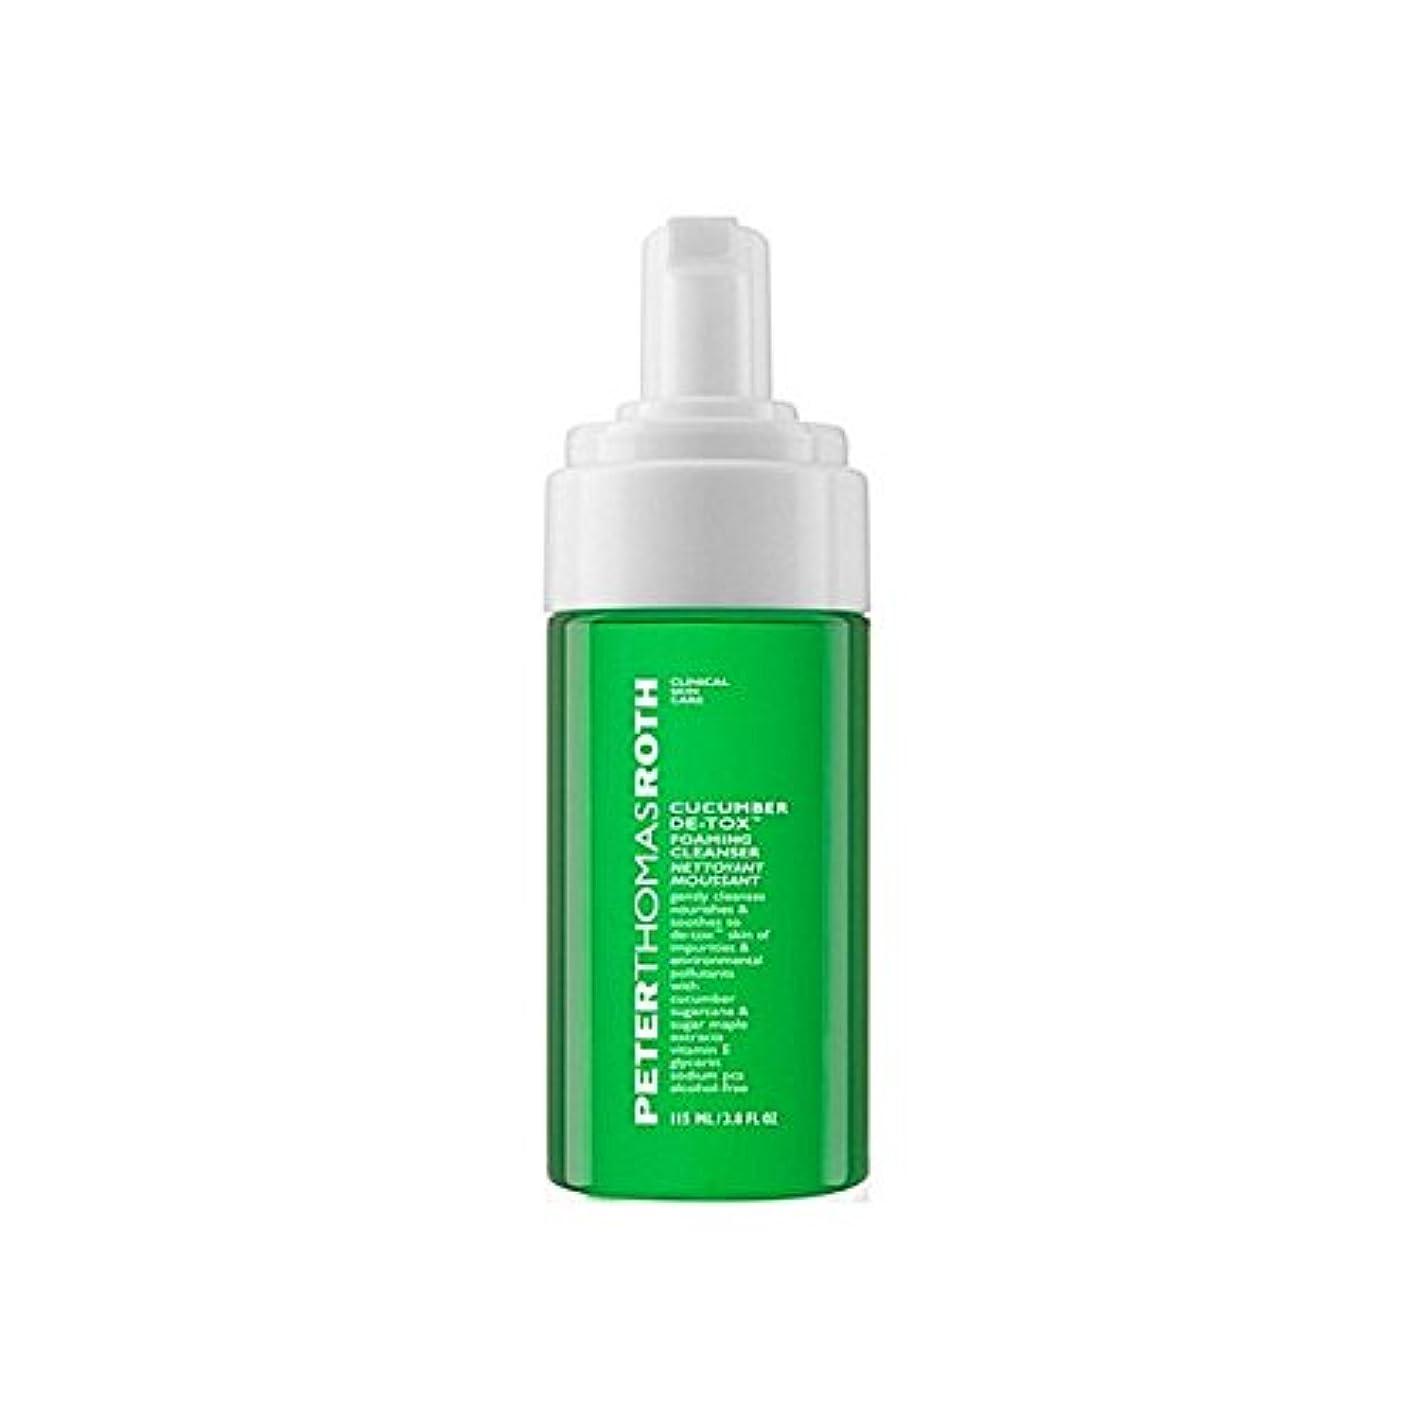 金額先住民排除ピータートーマスロスキュウリデ発泡クレンザー x4 - Peter Thomas Roth Cucumber De-Tox Foaming Cleanser (Pack of 4) [並行輸入品]